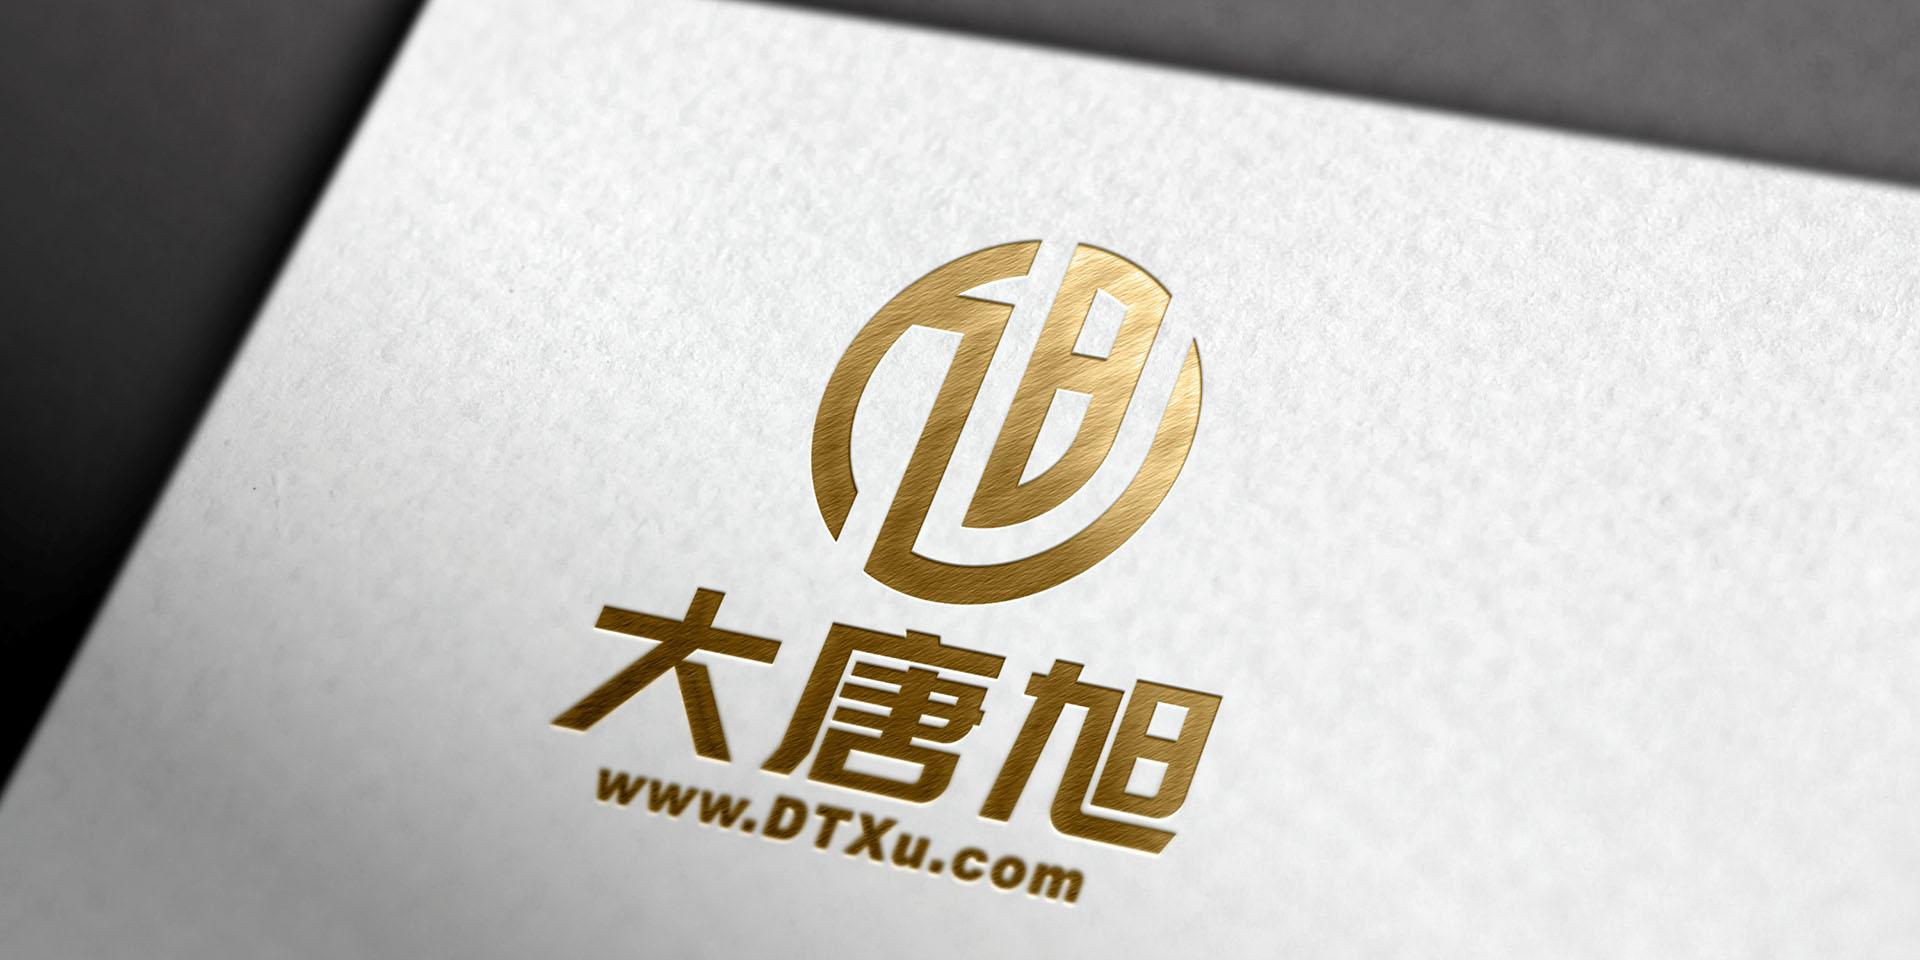 盛世光芒——大唐旭 DTXu.com